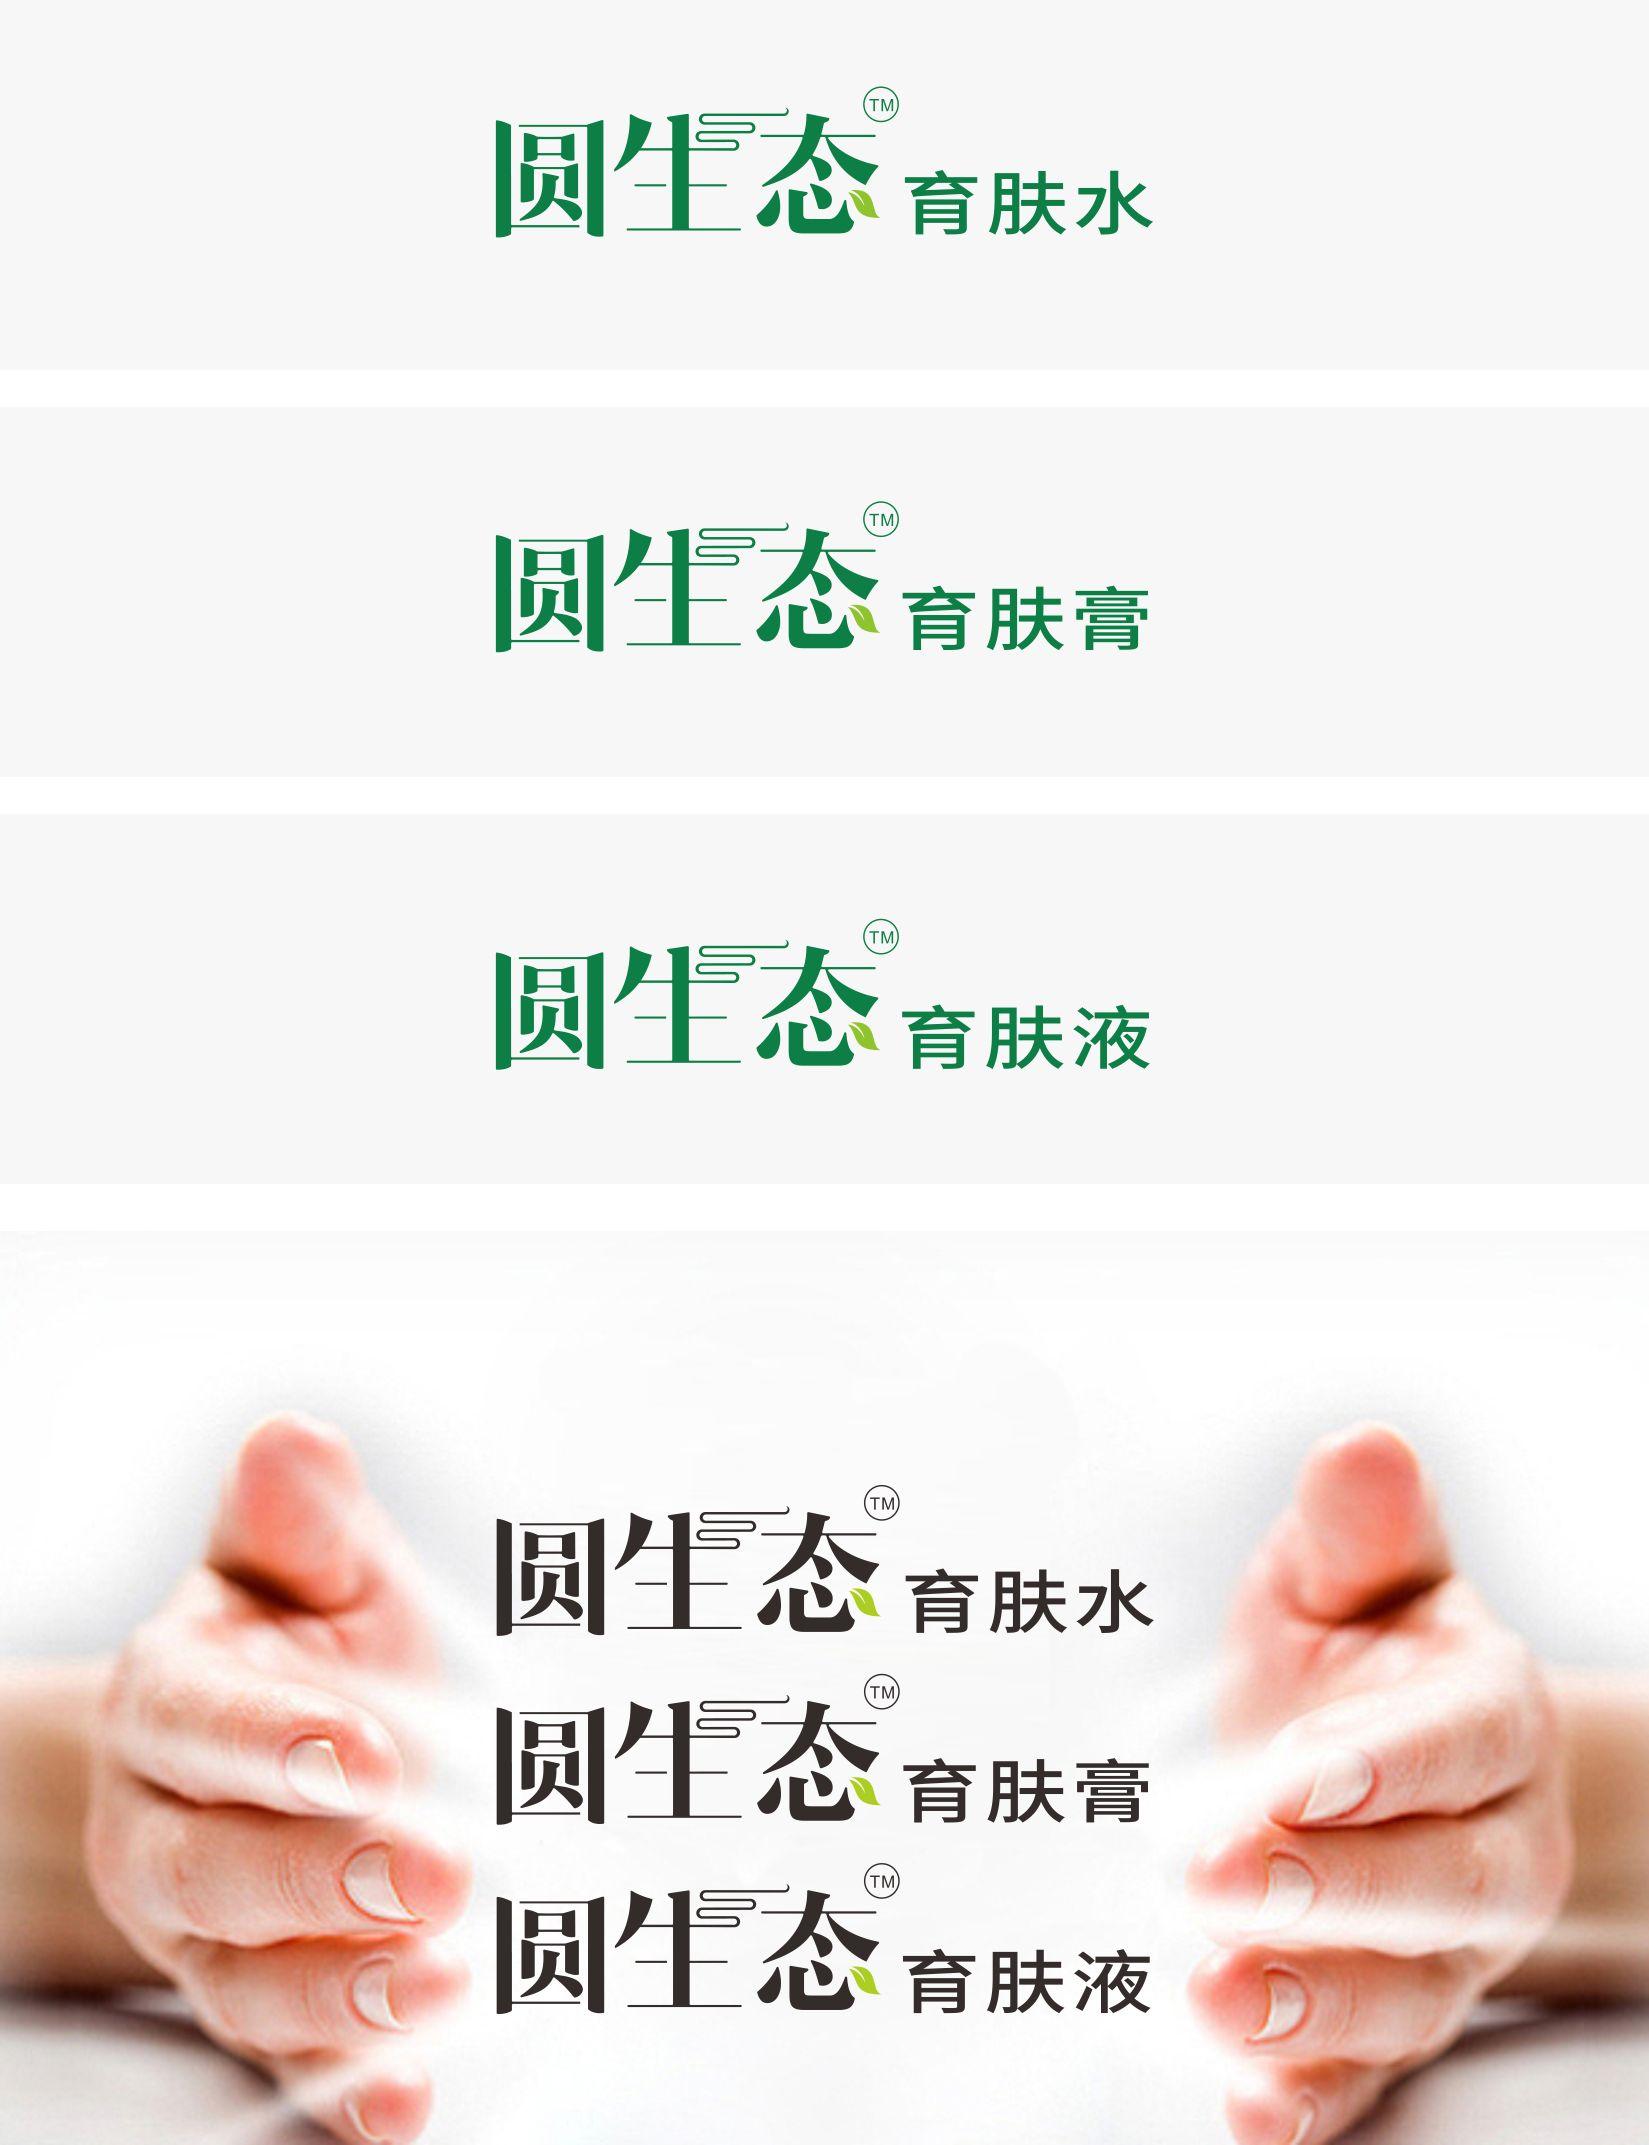 化妆品商标设计【圆生态】_2965375_k68威客网